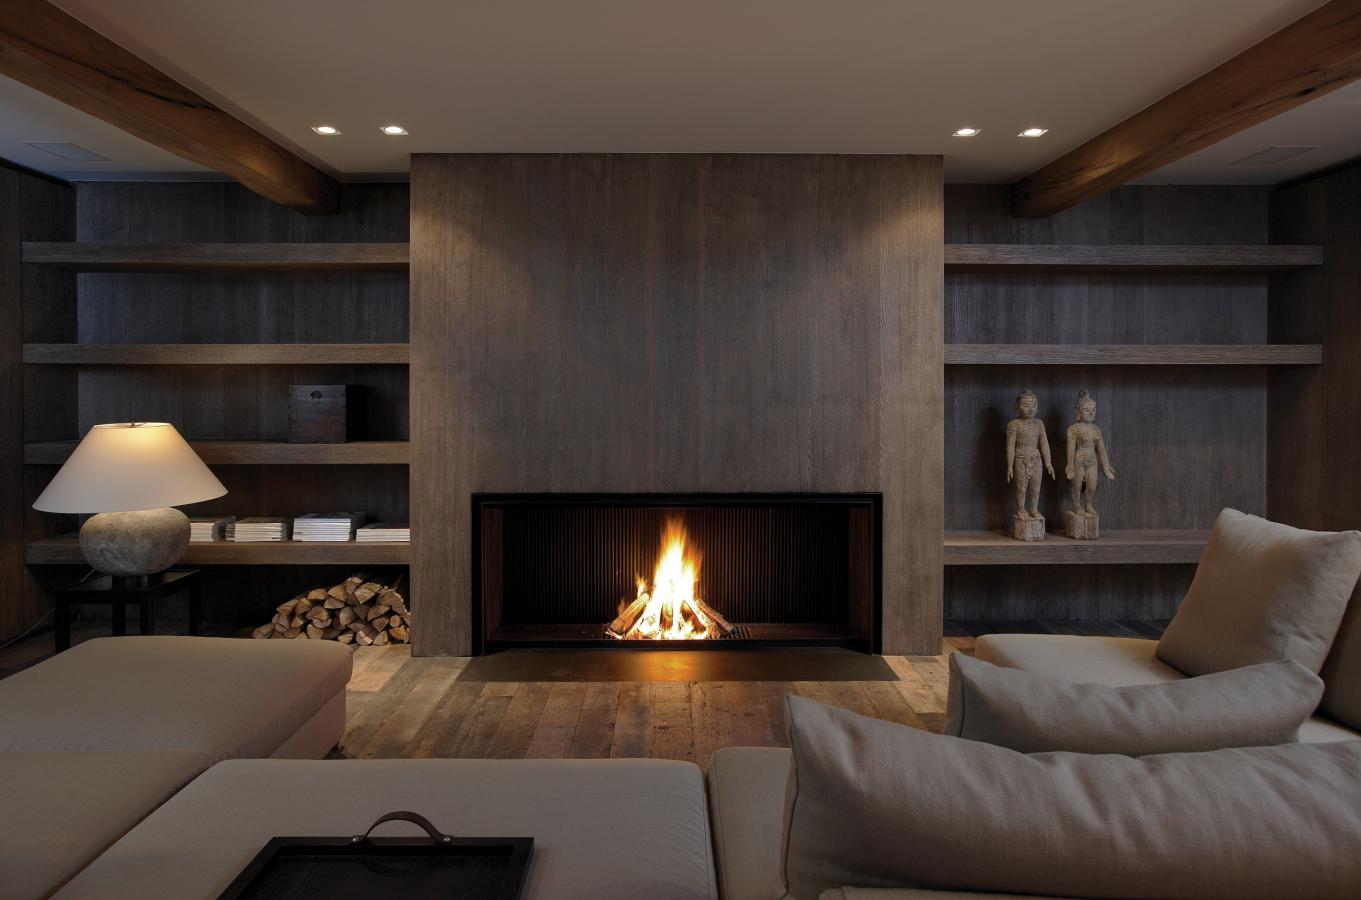 Fireplace de puydt foyer gaz foyer bois dream home chemin e foyer feu ouvert et - Deco cheminee interieur ...